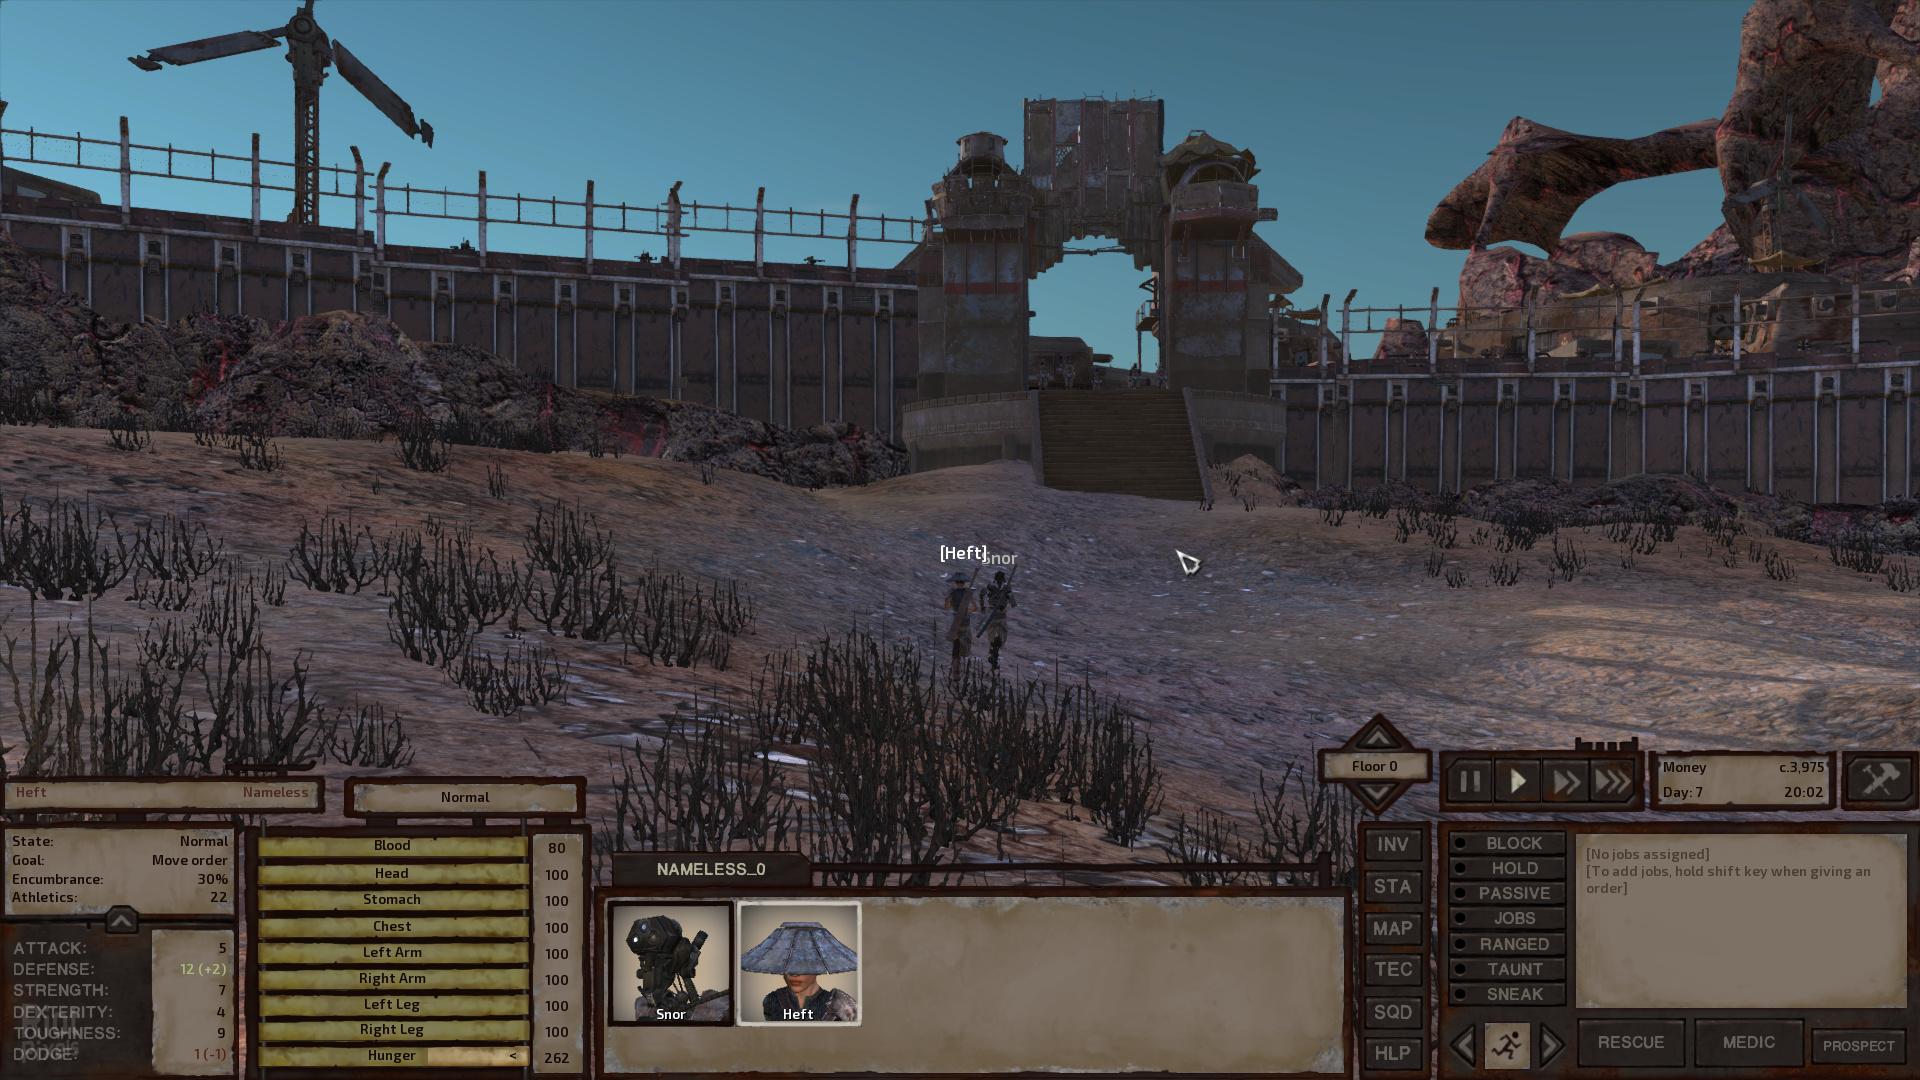 Kenshi - game screenshots at Riot Pixels, images